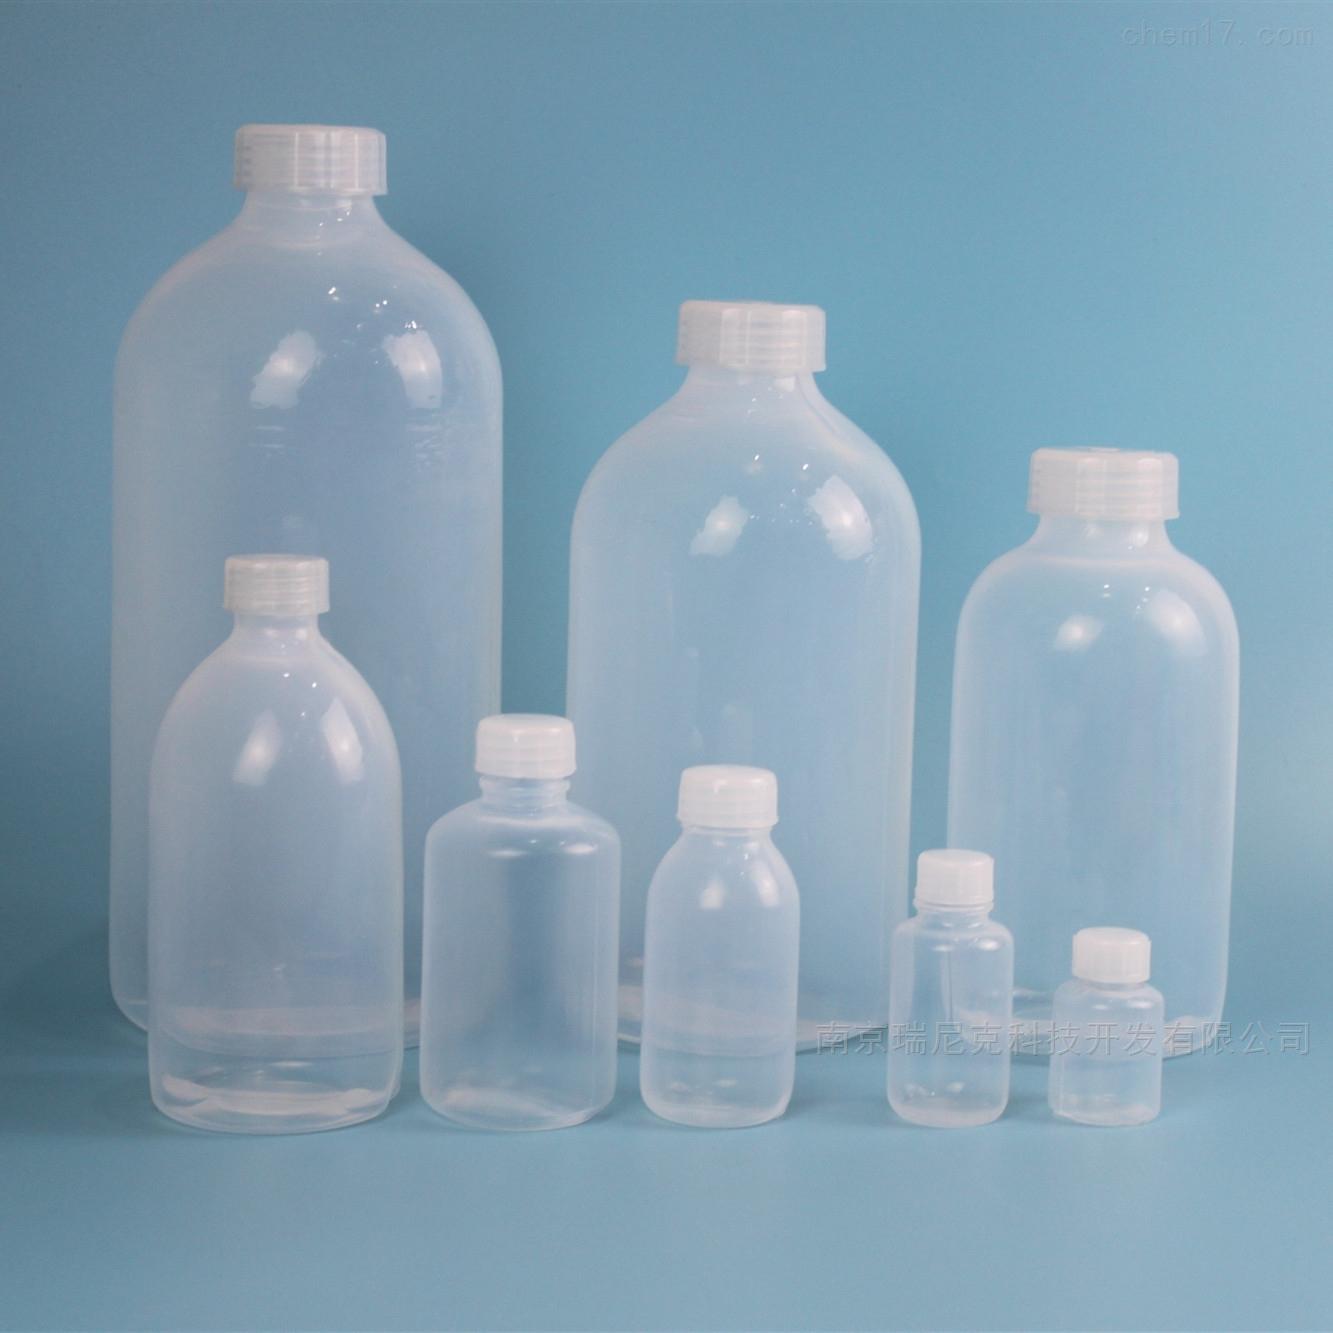 特氟龙FEP试剂瓶、取样瓶、样品瓶广口窄口